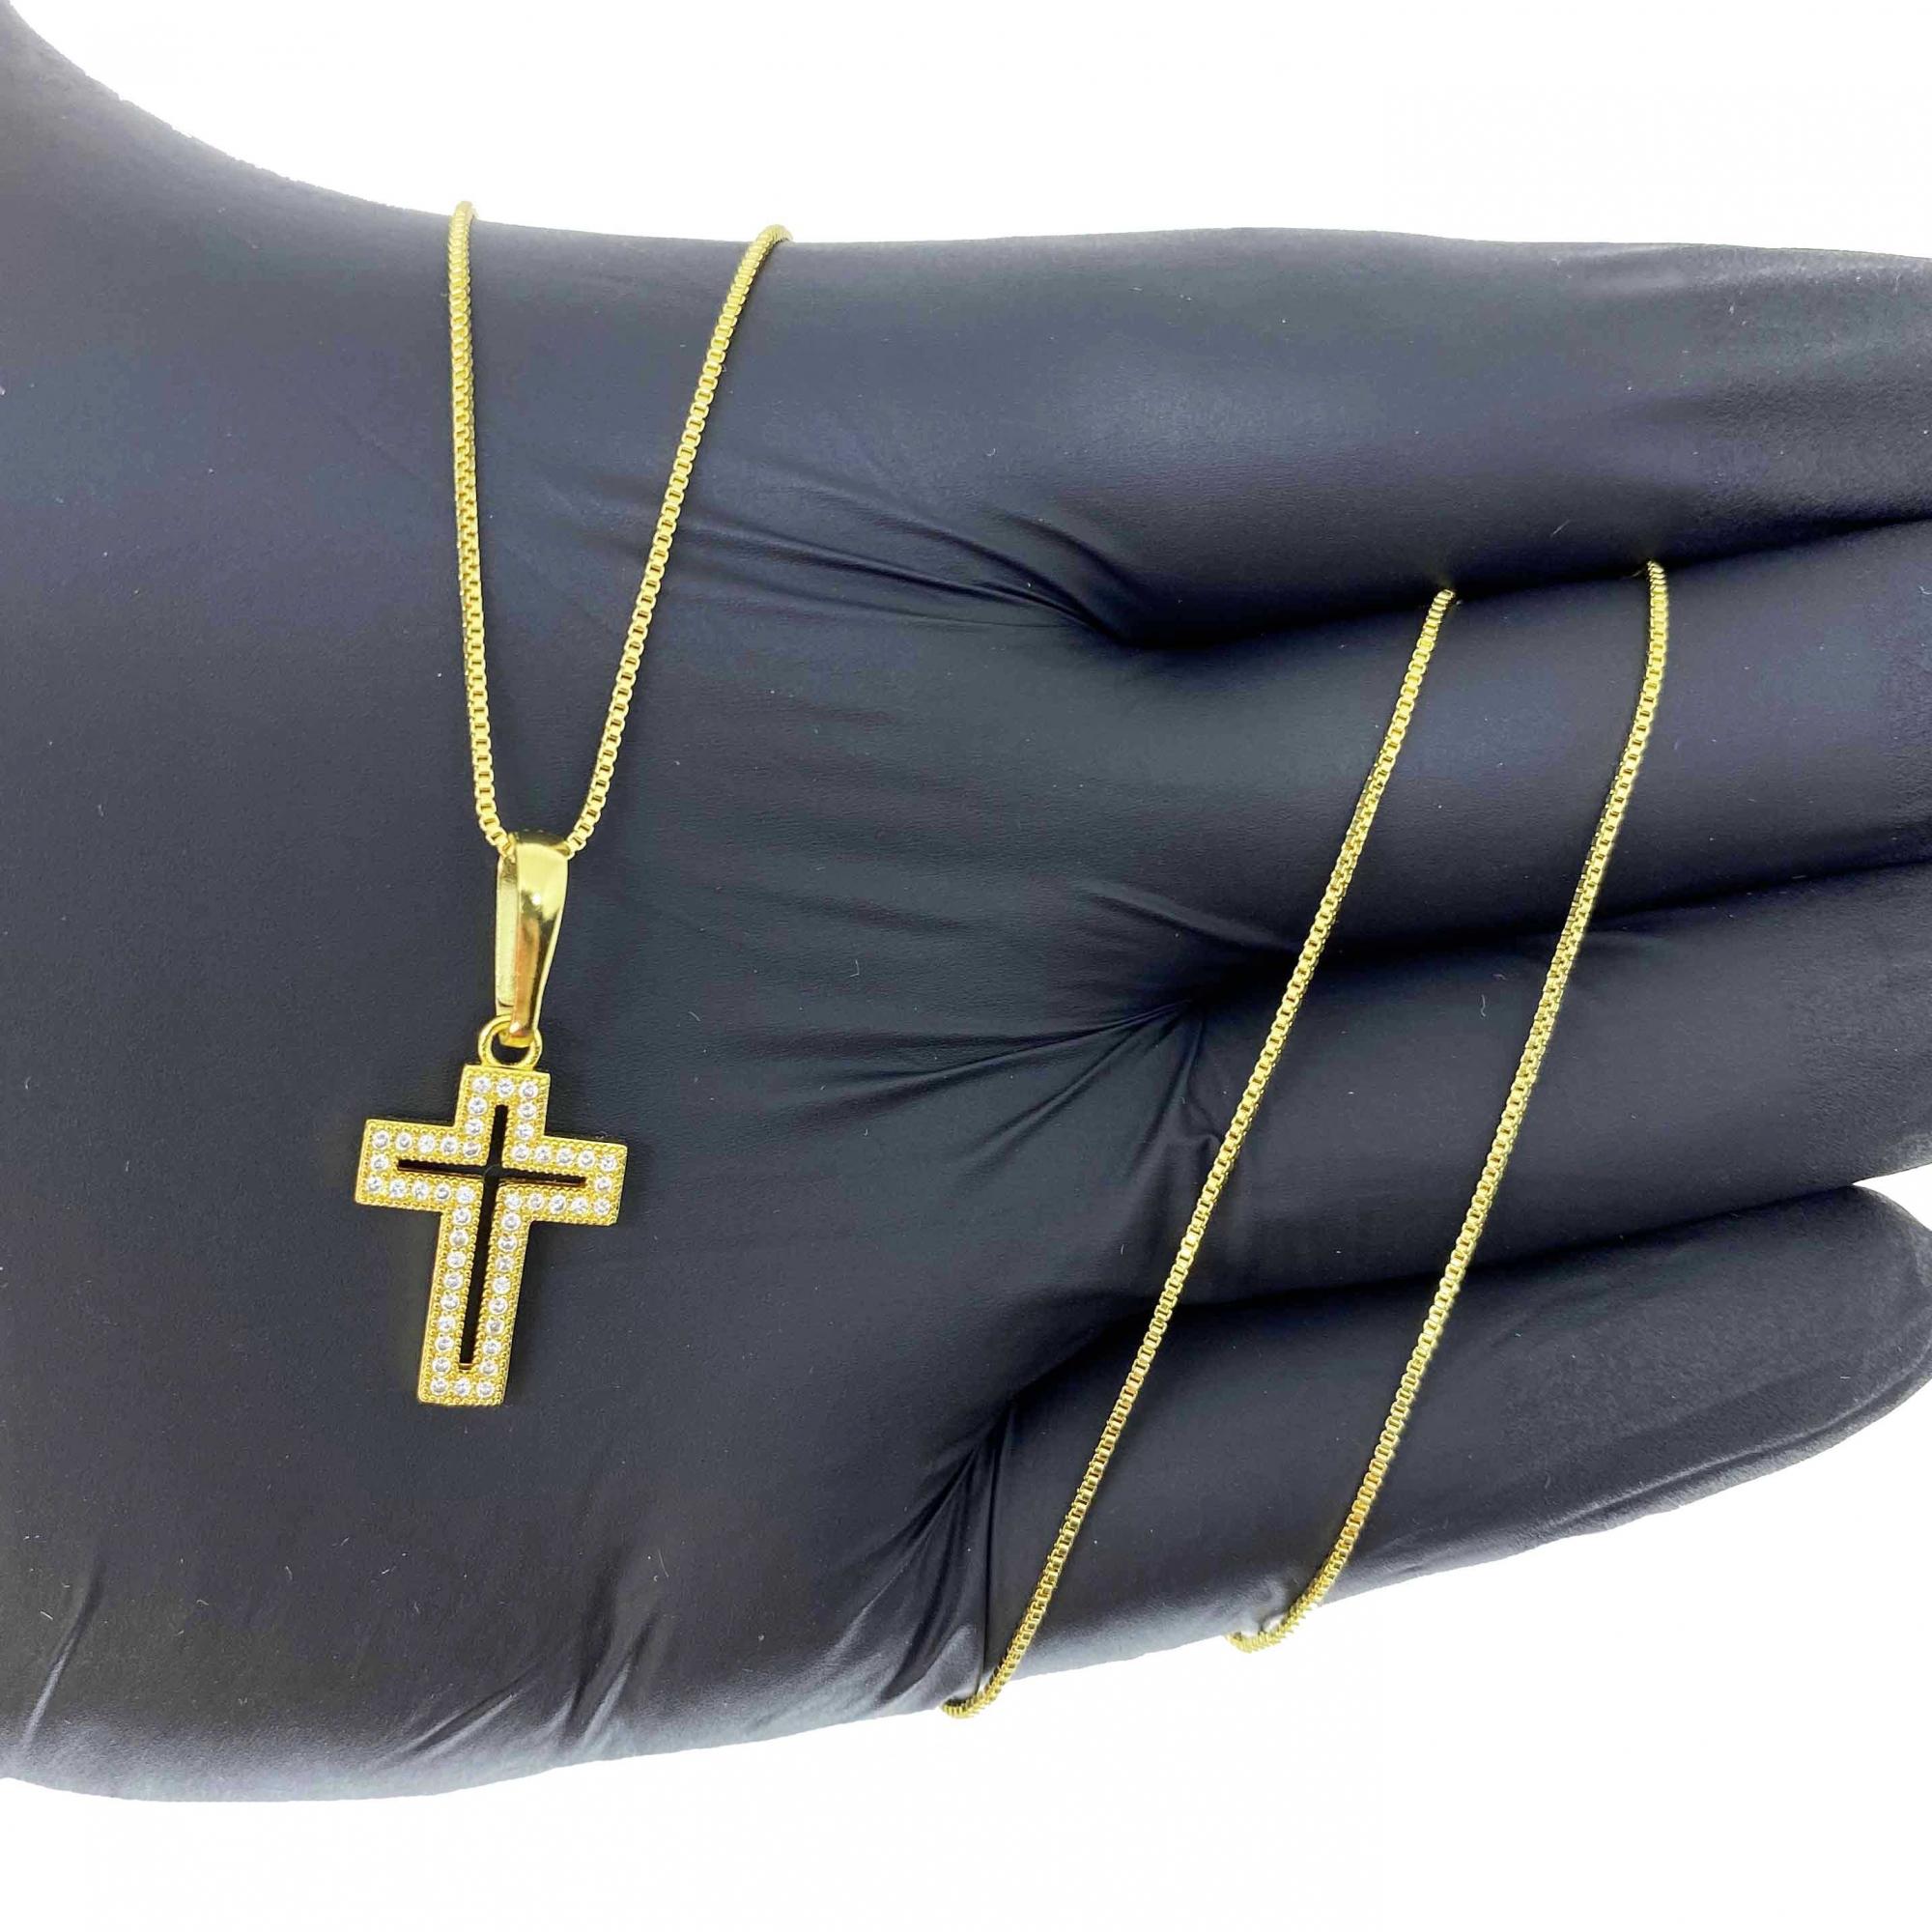 Corrente Veneziana 1,2mm 70cm (5g) (Fecho Tradicional) (Banho Ouro 18k) + Pingente Cruz Vazada Cravejada 2,1x1,4cm (1,8g)